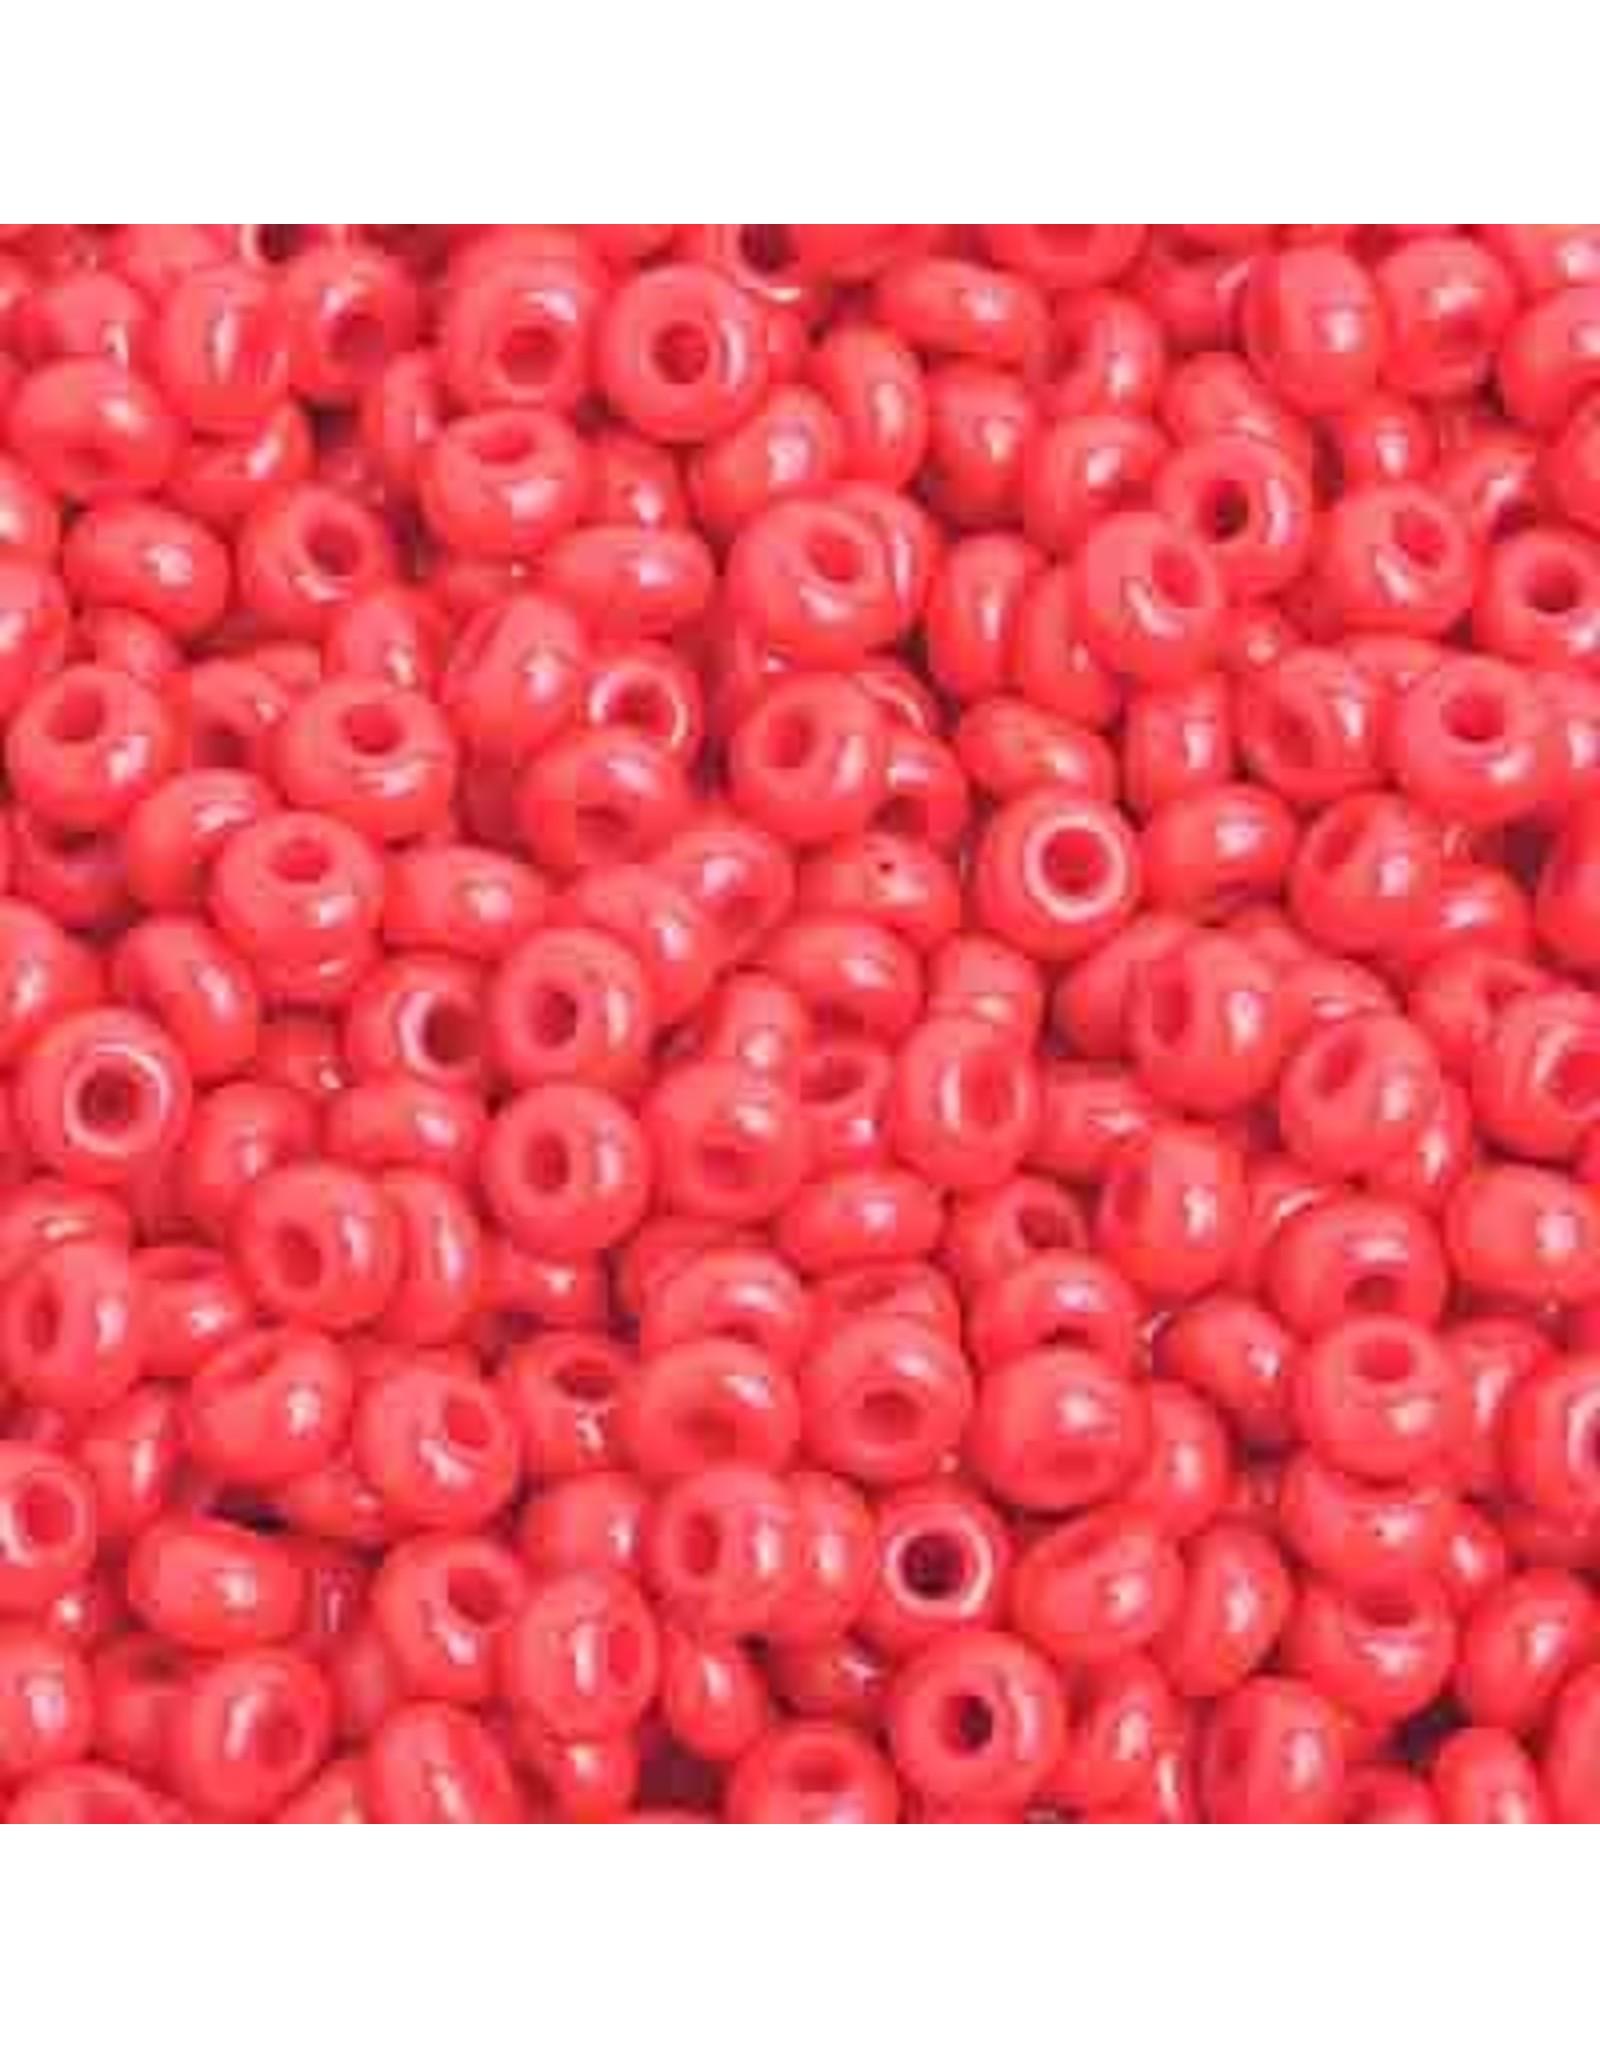 Czech 201580  8  Seed 20g Opaque Light Red